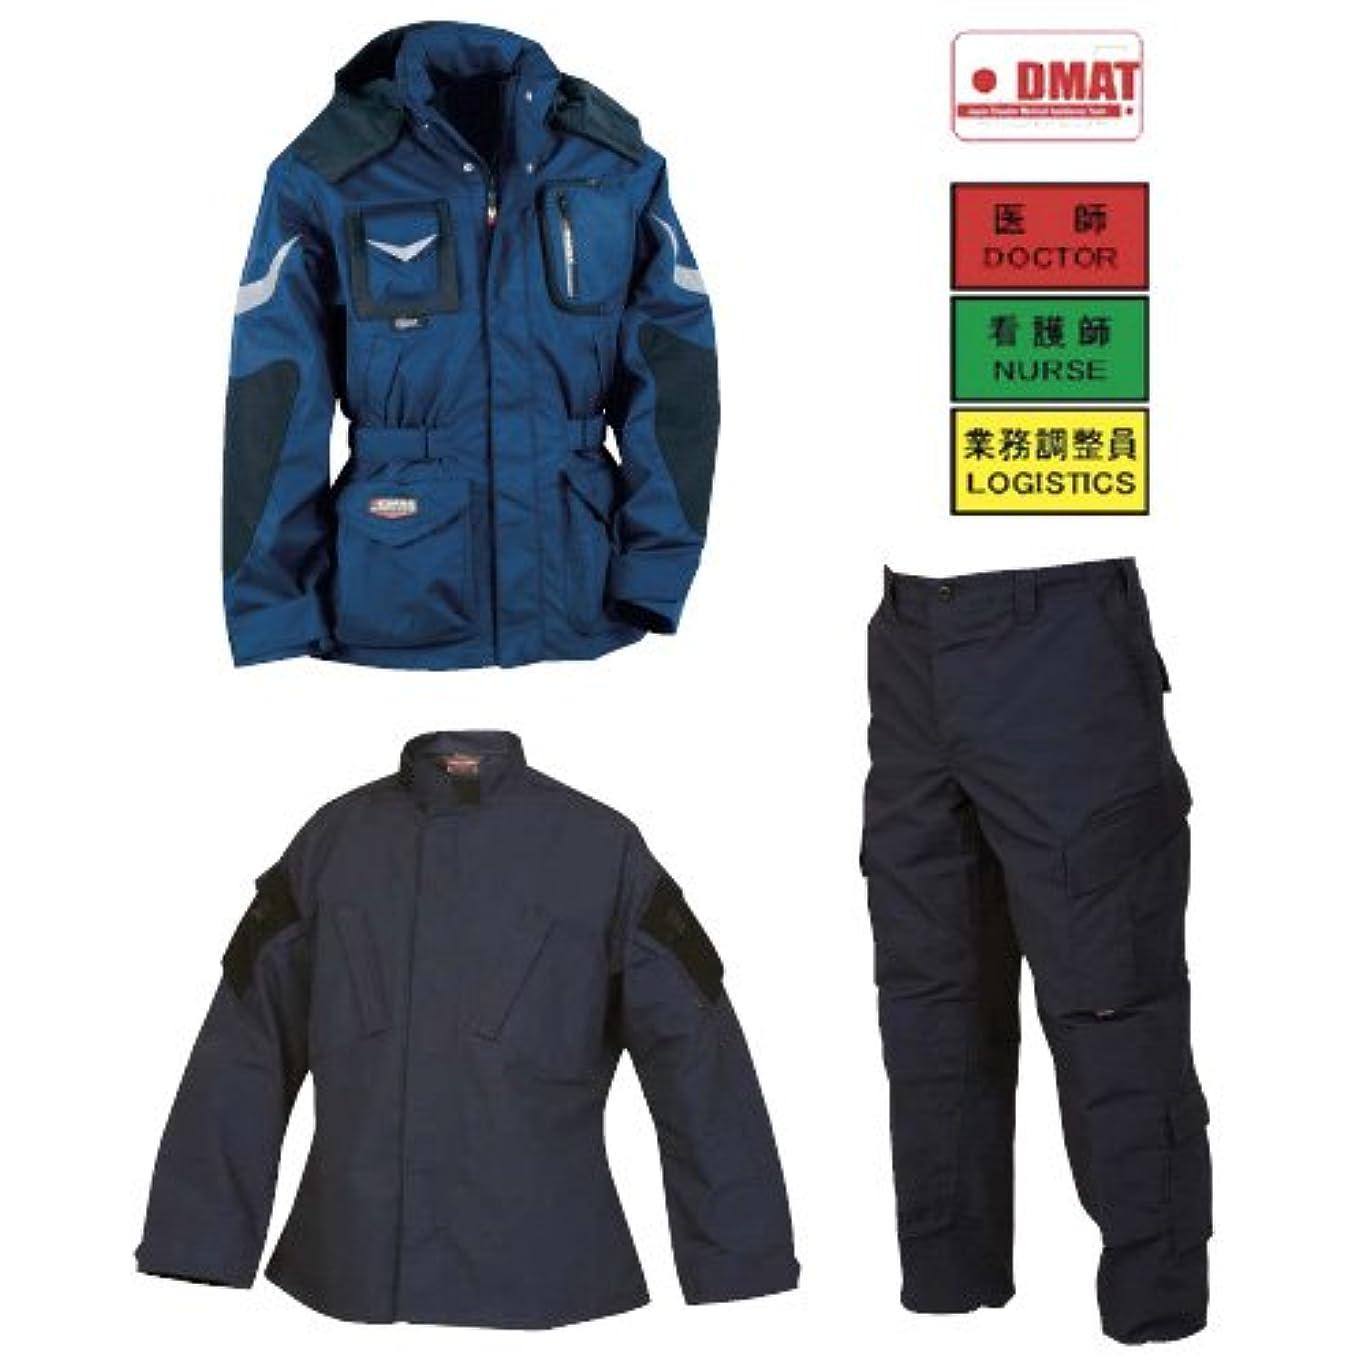 大腿セントキモいEMSユーティリティシャツ GLS-247S(M) EMS?????????? ブラック(23-7533-01-02)【日本特装】[1枚単位]